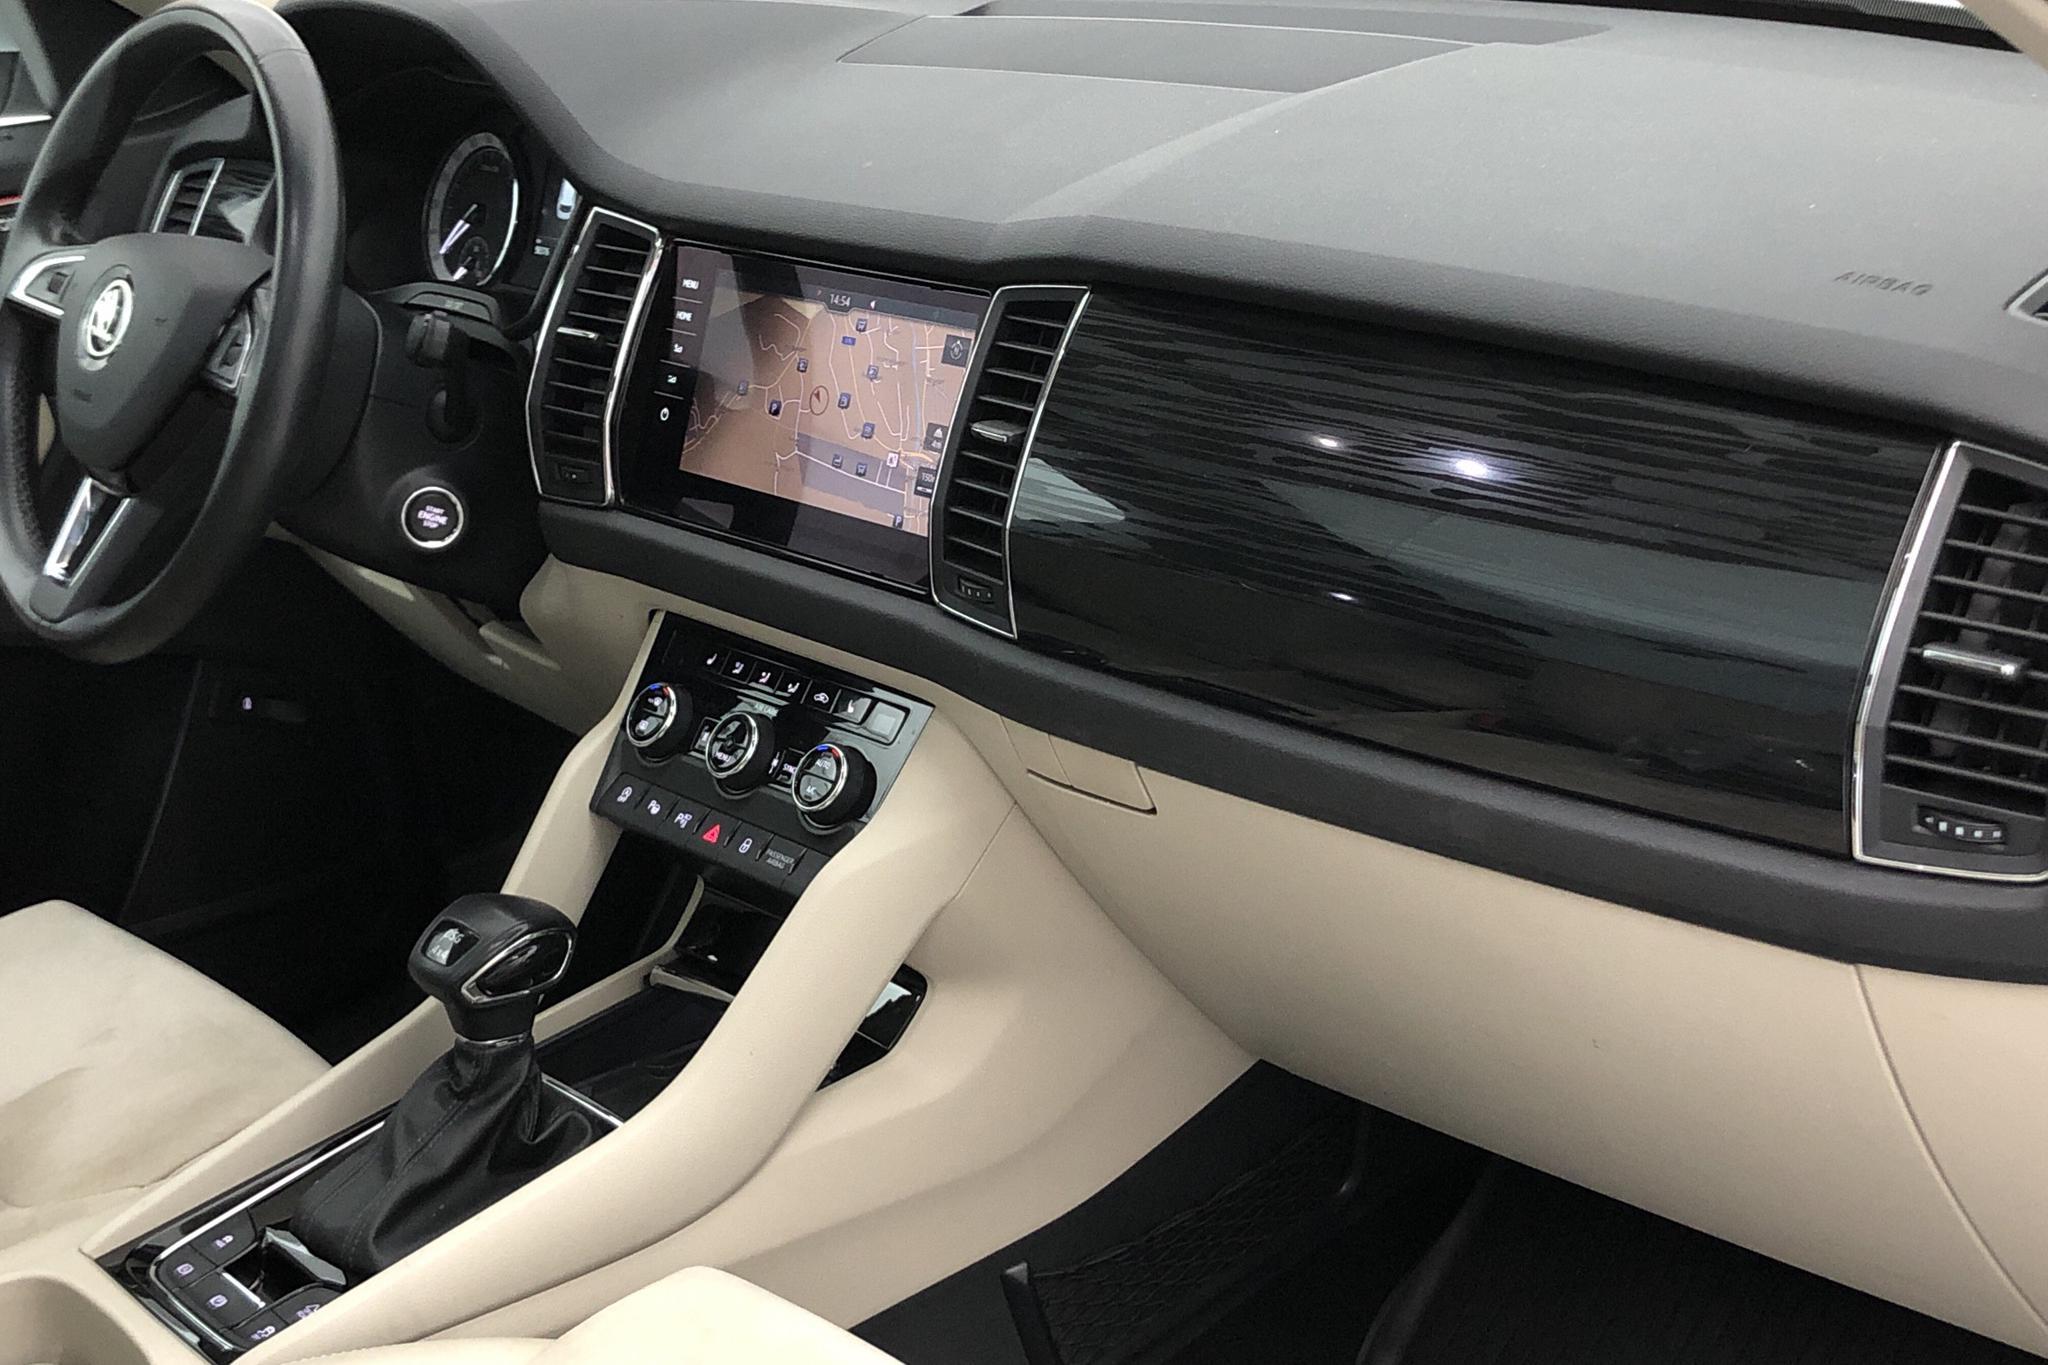 Skoda Kodiaq 2.0 TDI 4X4 (190hk) - 58 370 km - Automatic - silver - 2018